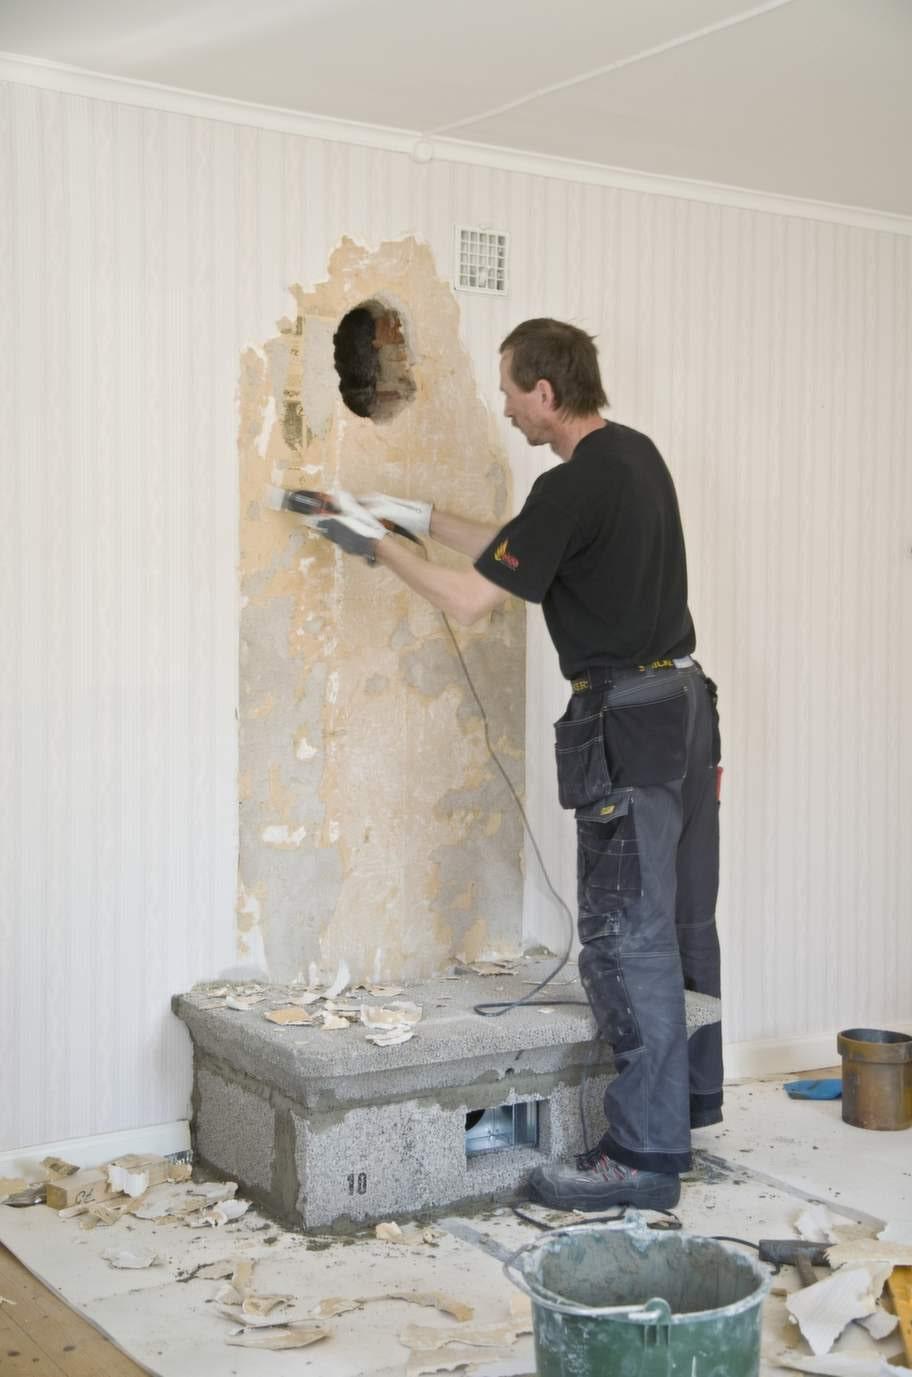 Rökkanal i väggenGolvet är förstärkt och ett hål till rökkanalen är upptaget i väggen. Första eldstadsfundamentet är på plats.